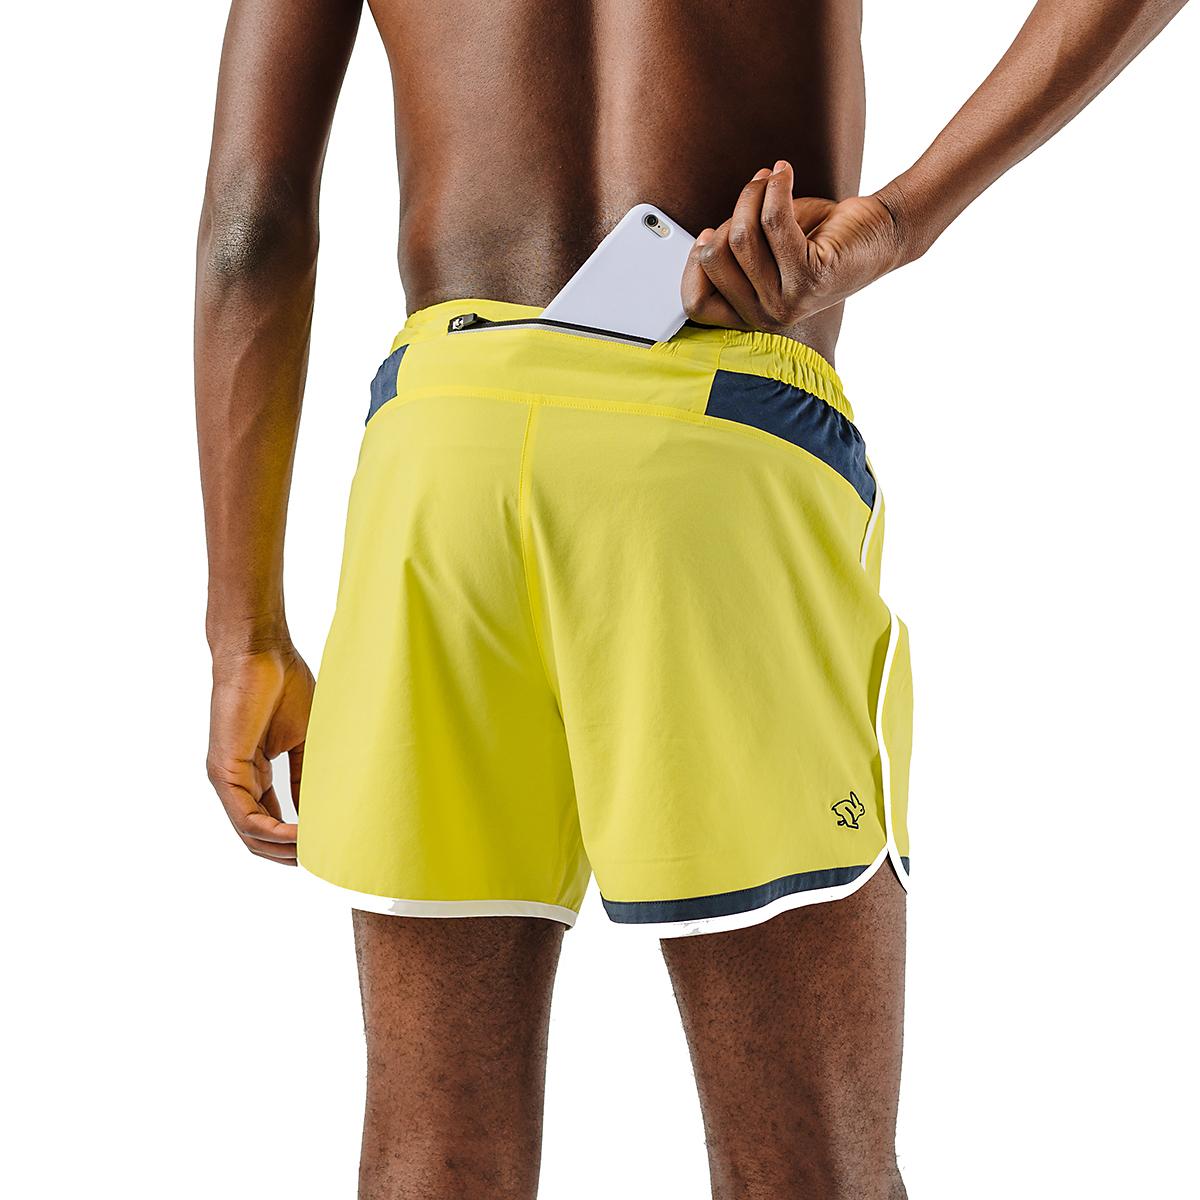 """Men's Rabbit Quadtastic 5"""" Short - Color: Lemon Tonic - Size: S, Lemon Tonic, large, image 2"""